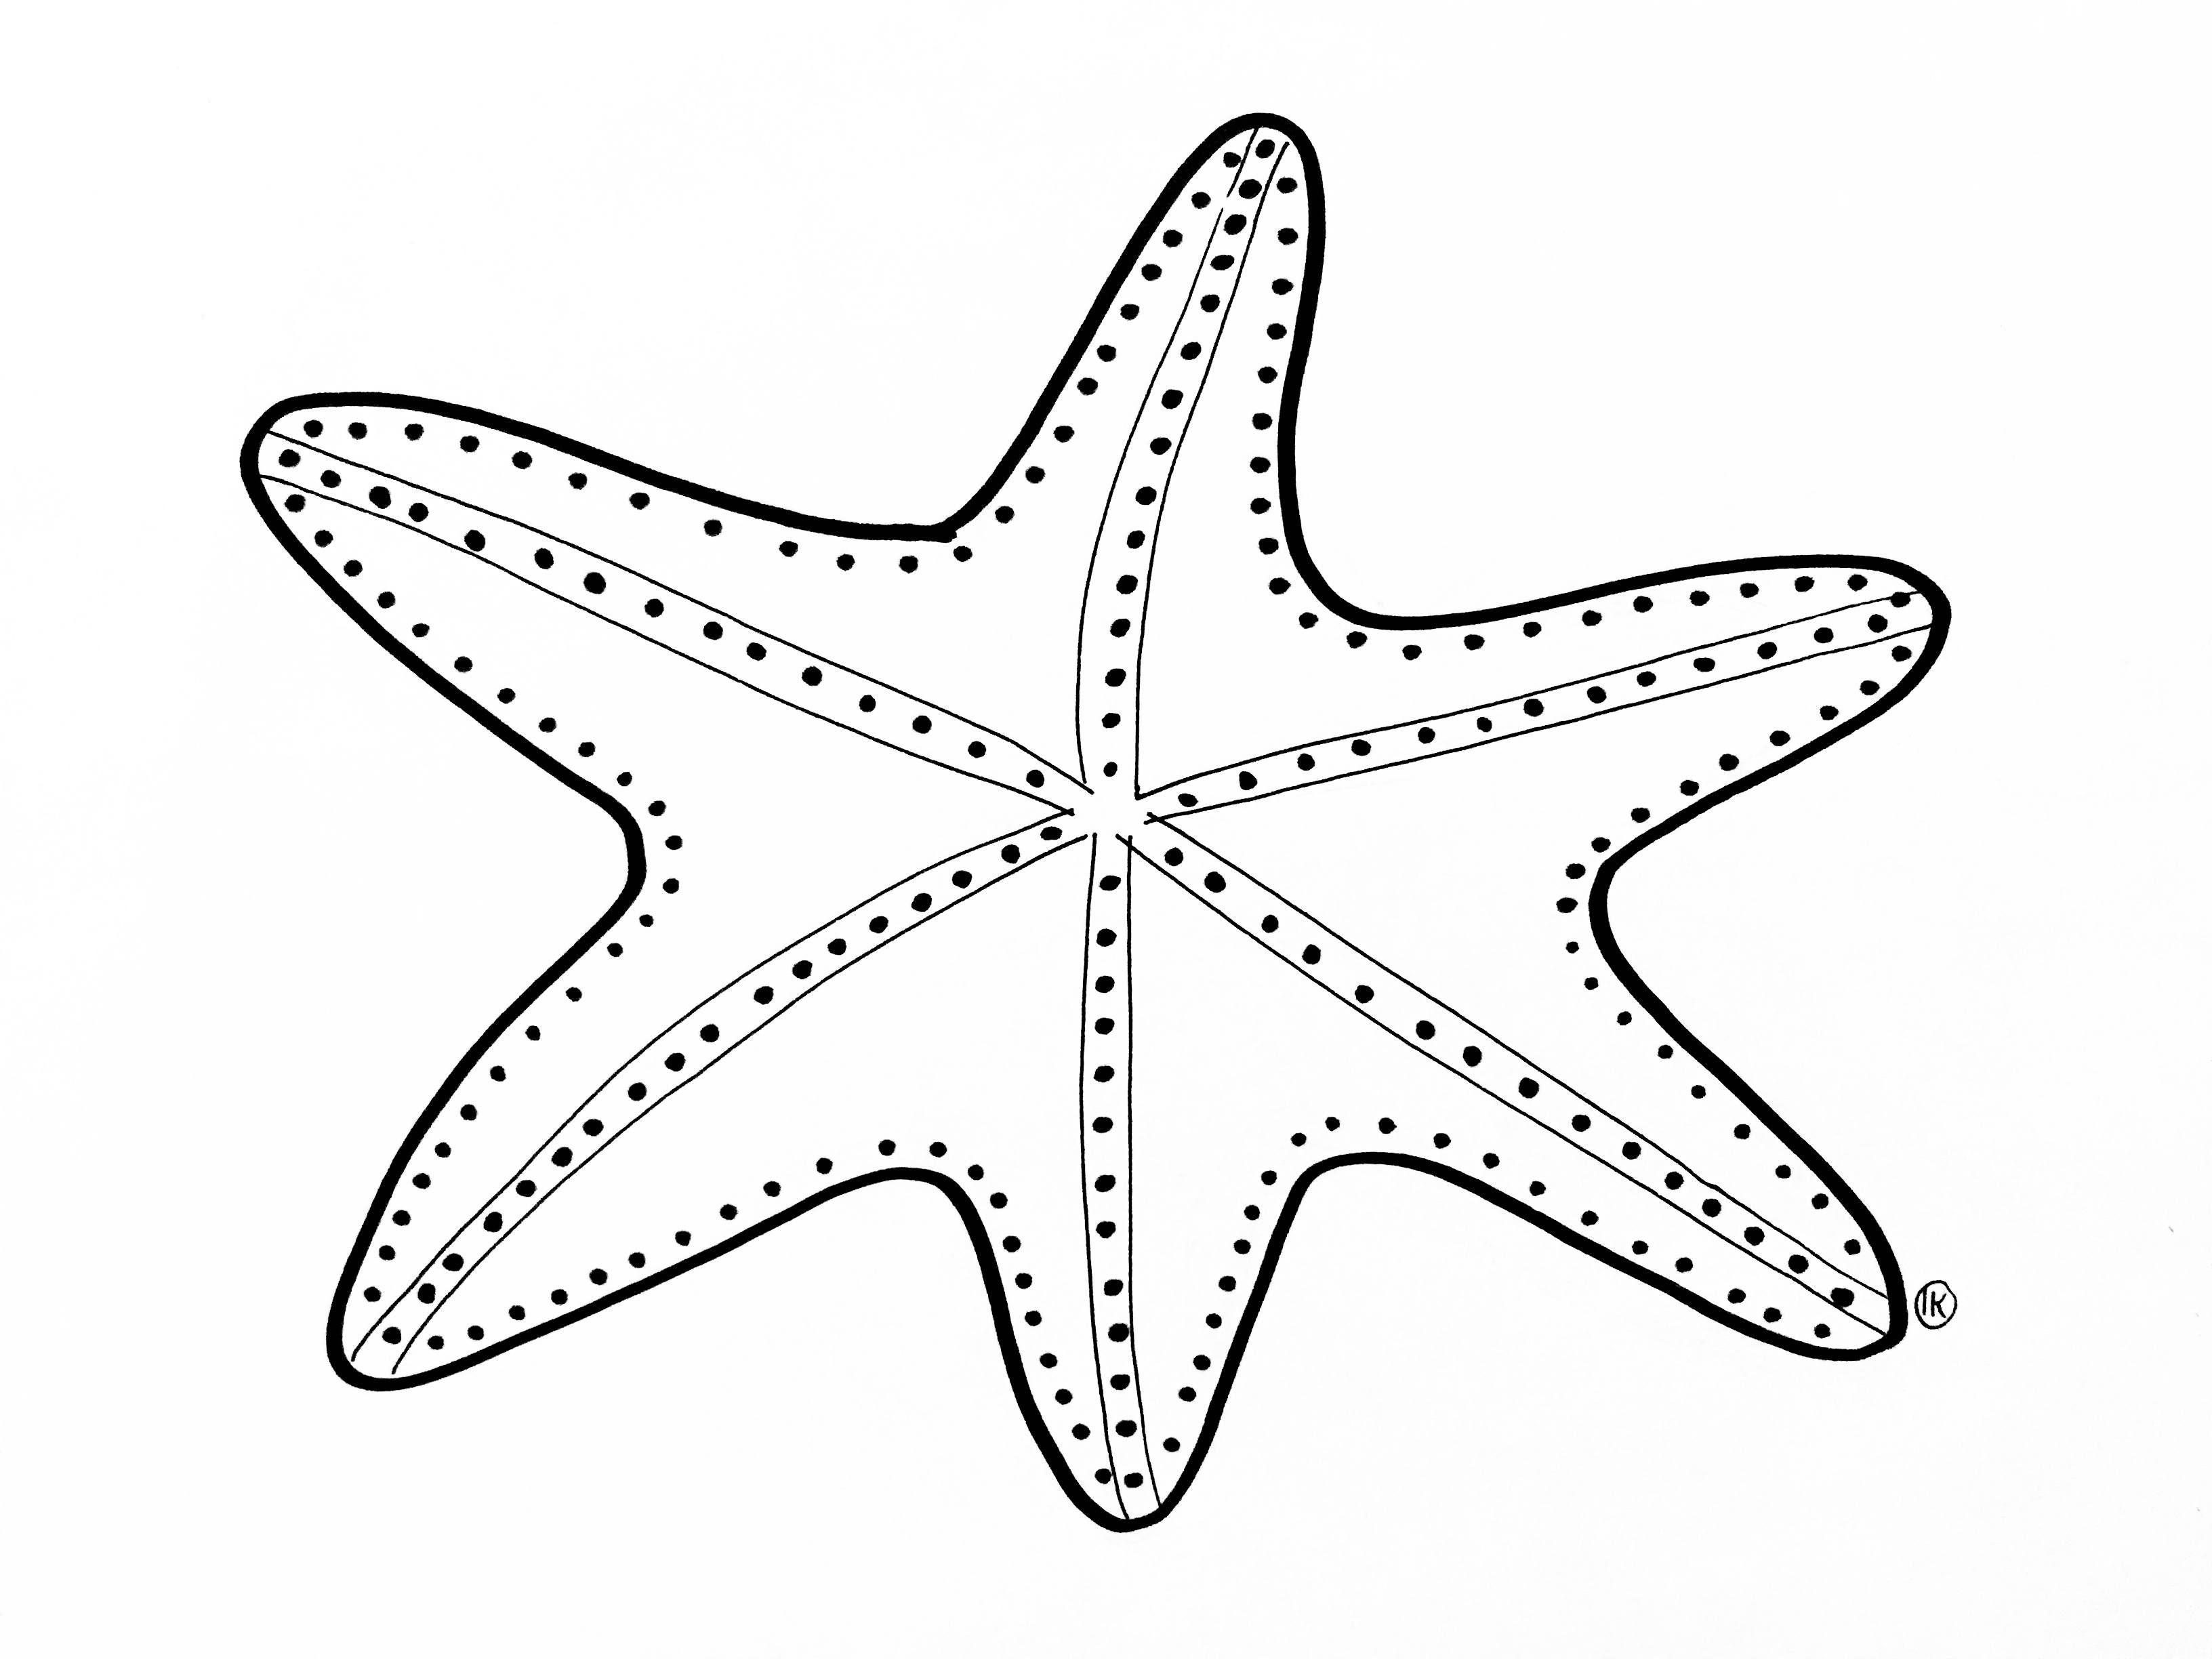 Kleurplaten Van Zeedieren.Kleurplaten Thema Zee Zeedieren Oceaan Kleurplaat Oceaan